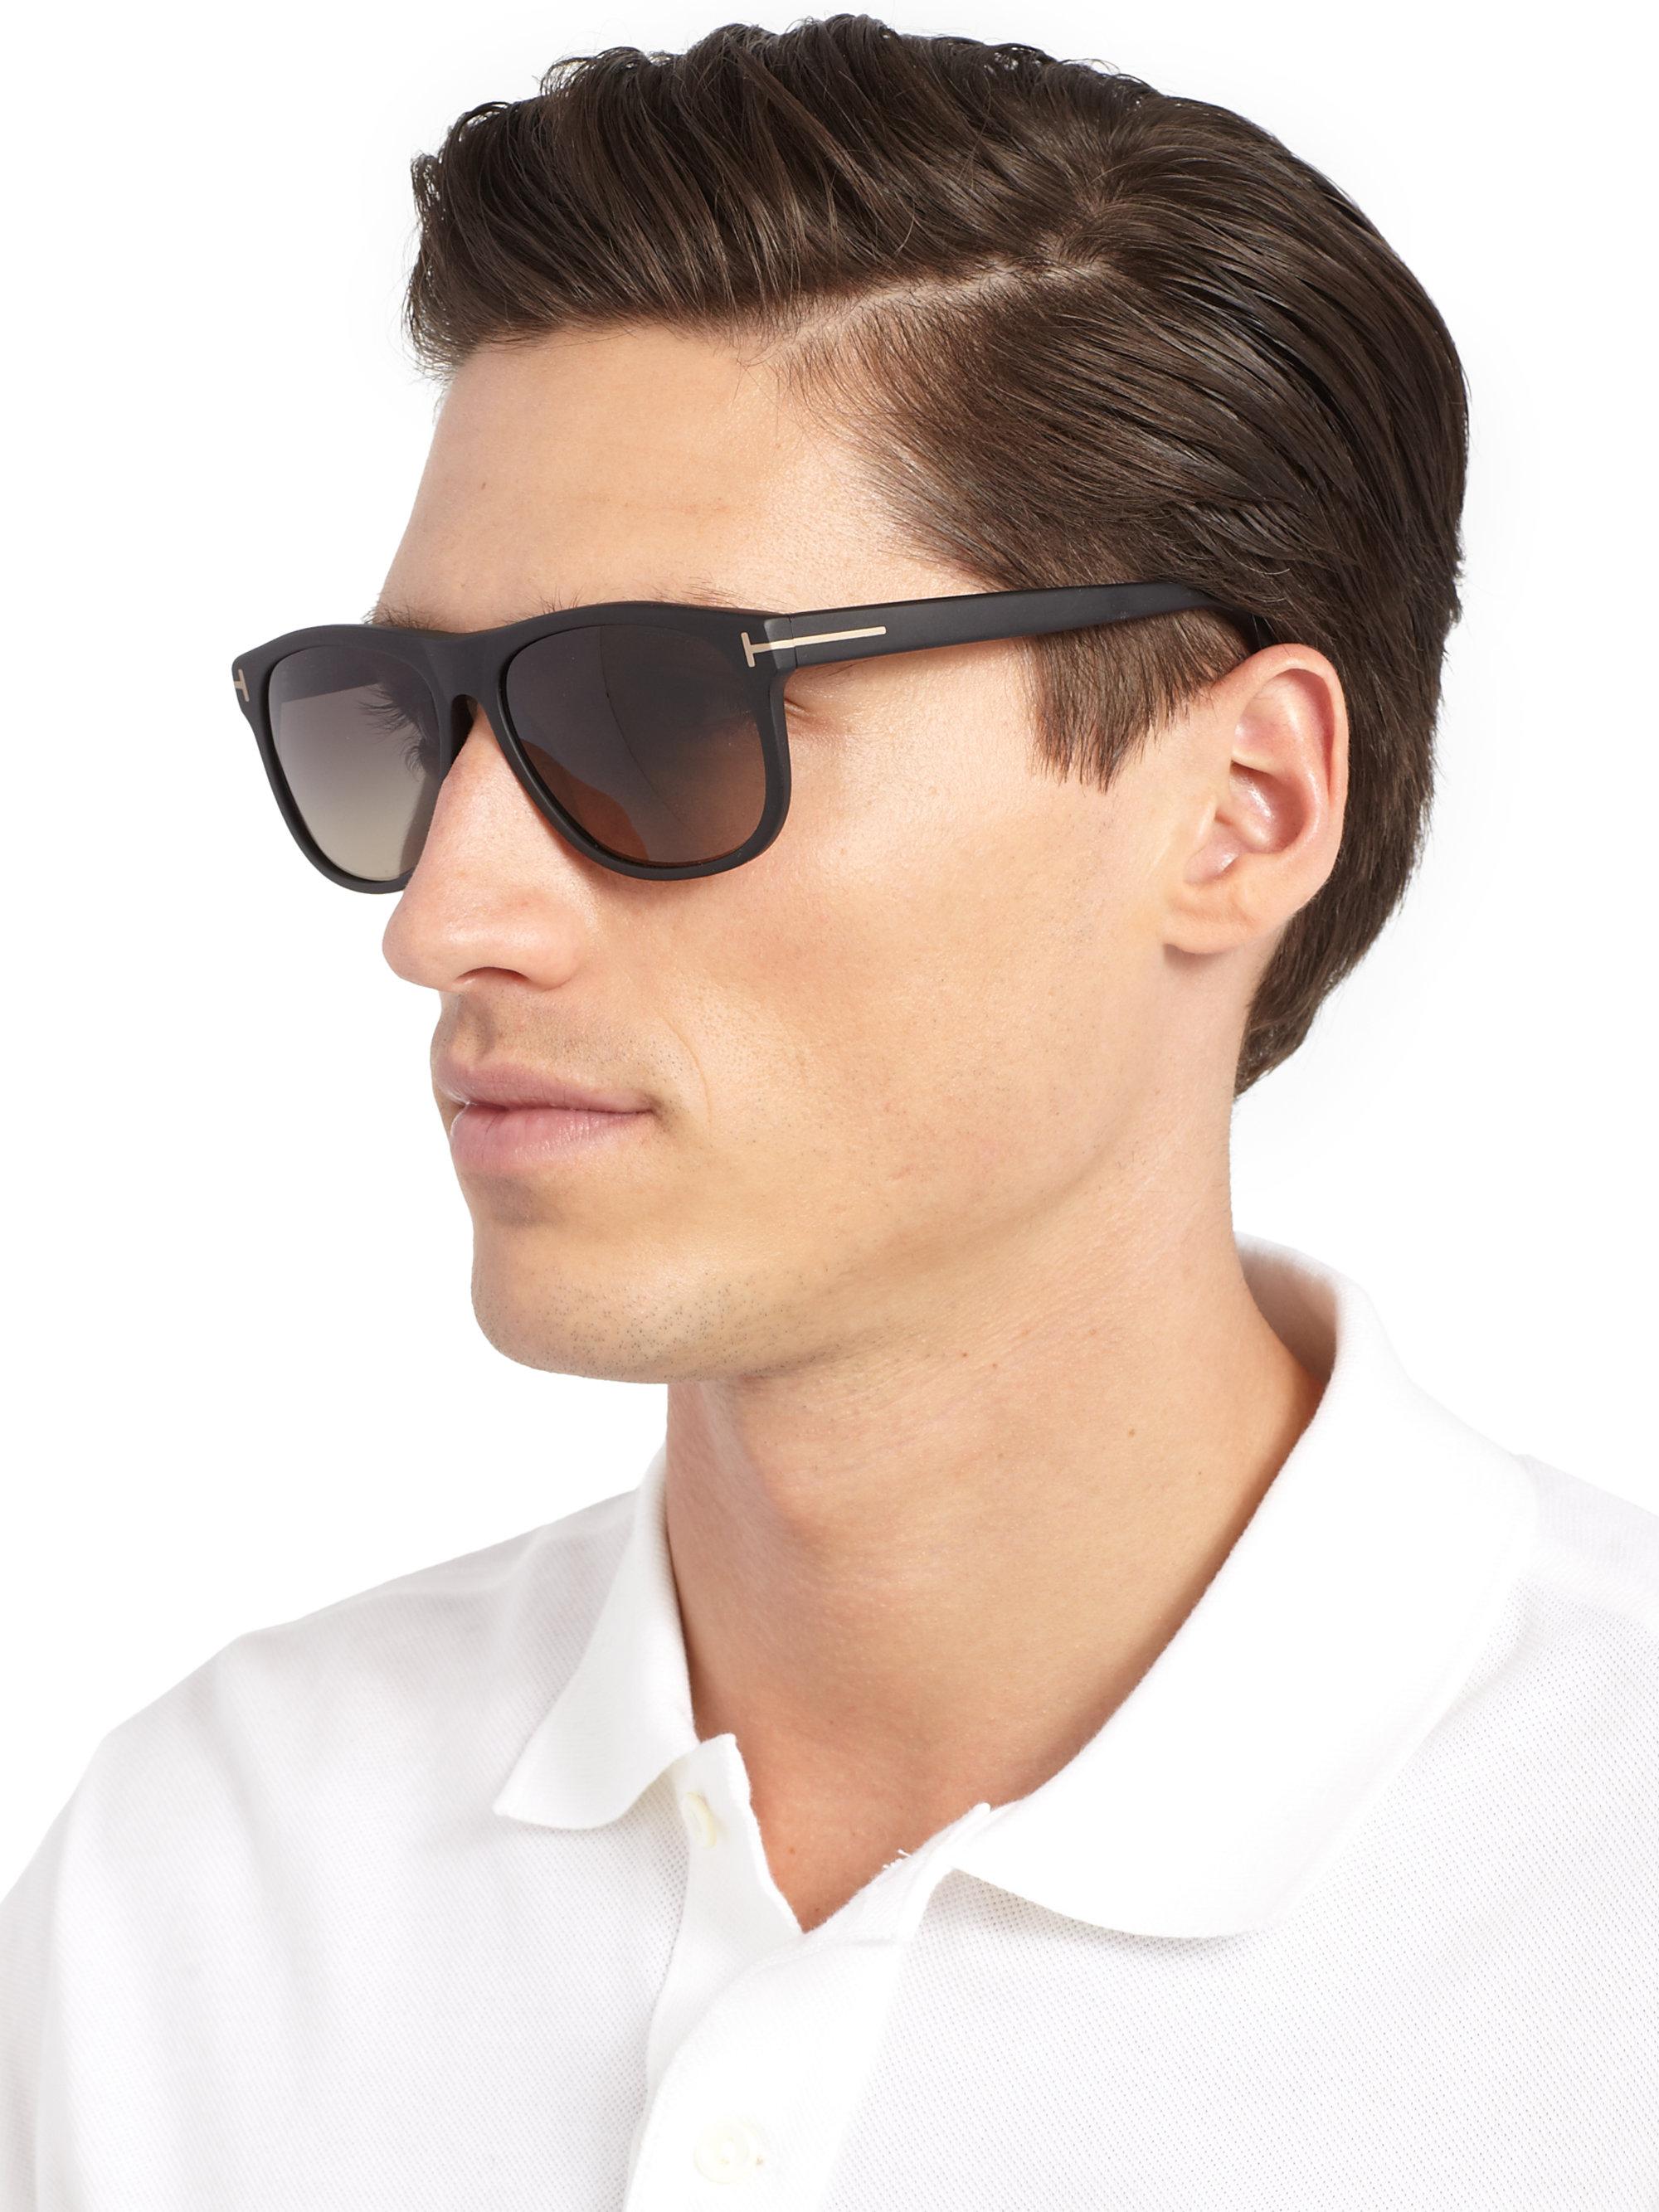 d9058e19f1b Lyst - Tom Ford Olivier Acetate Sunglasses in Black for Men